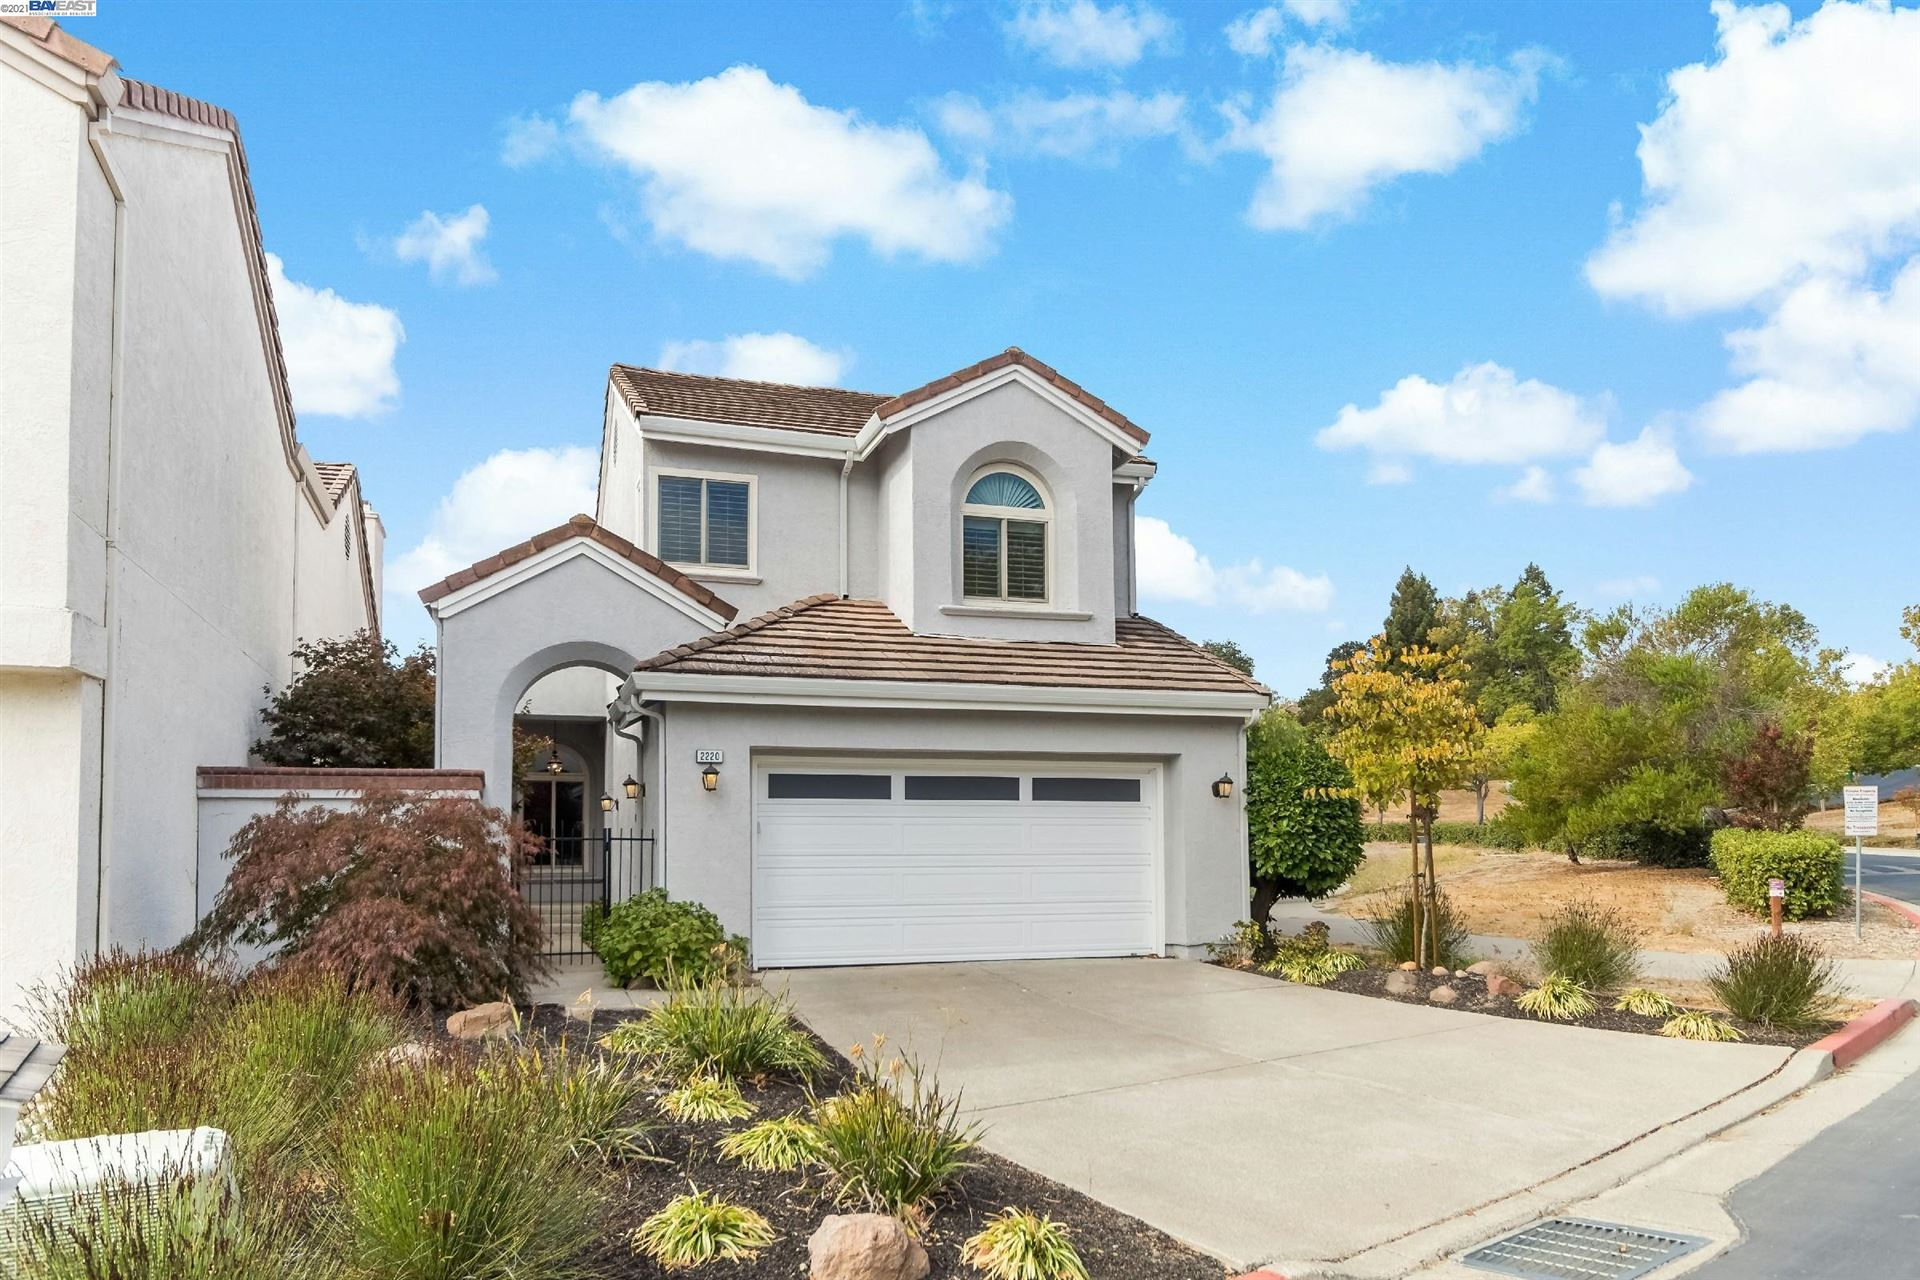 2220 Canyon Lakes Dr                                                                               San Ramon                                                                      , CA - $1,699,000